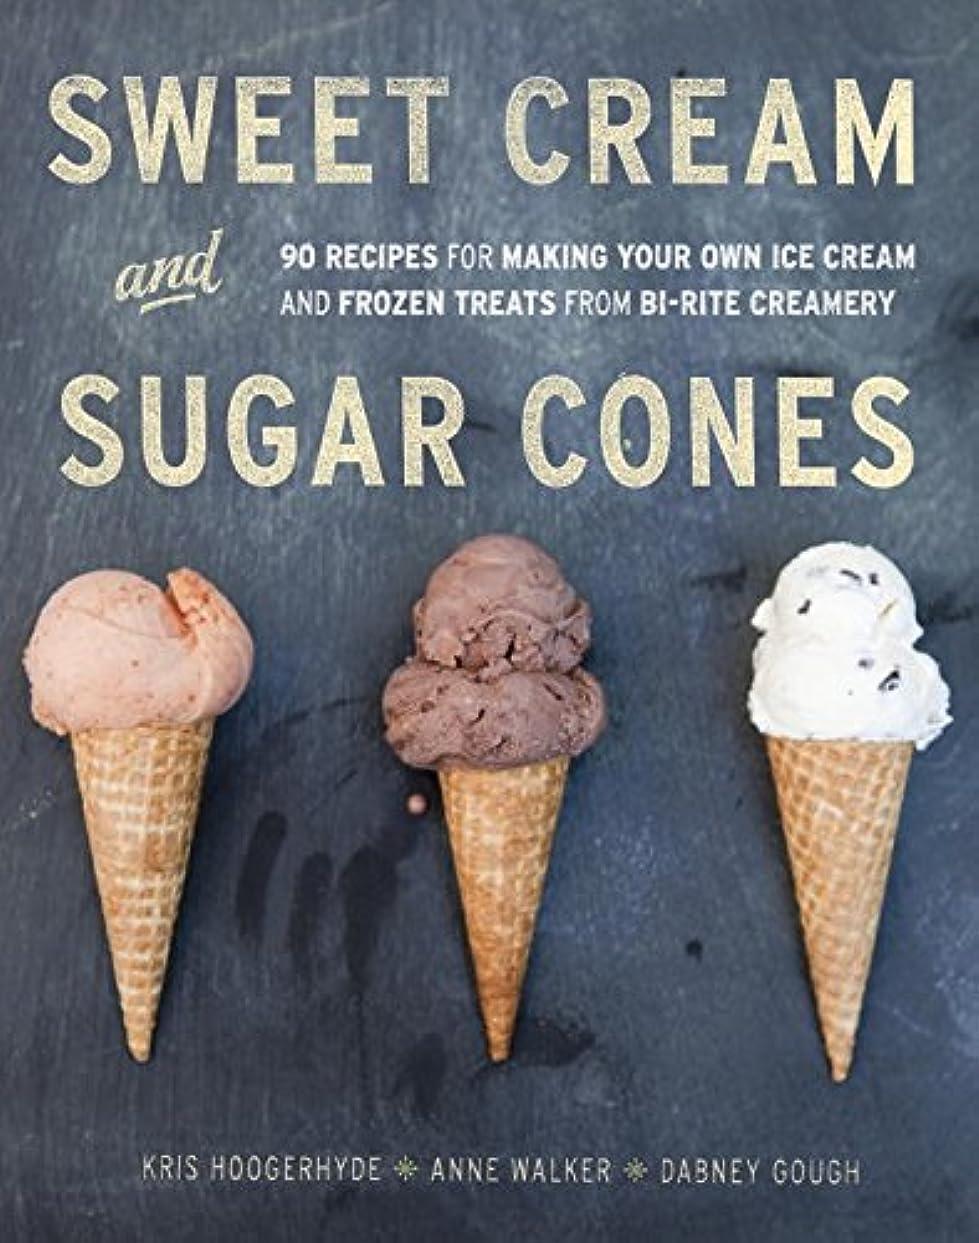 やさしいボア代名詞Sweet Cream and Sugar Cones: 90 Recipes for Making Your Own Ice Cream and Frozen Treats from Bi-Rite Creamery : A Cookbook (English Edition)